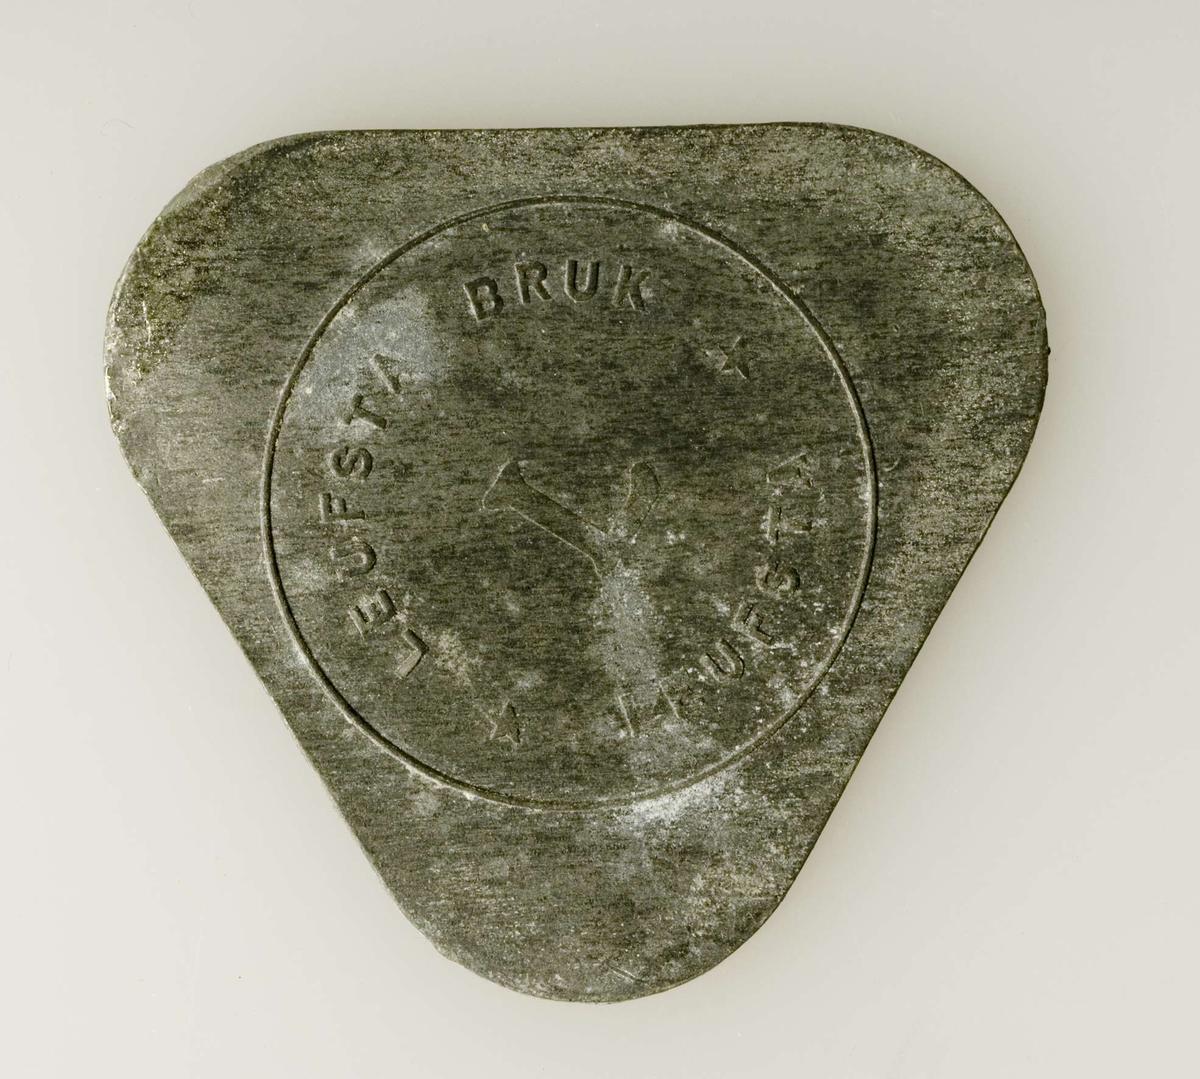 Pollett av tennliknande metall, trekantig med rundade hörn. Lövstabruks stämpel i relief.